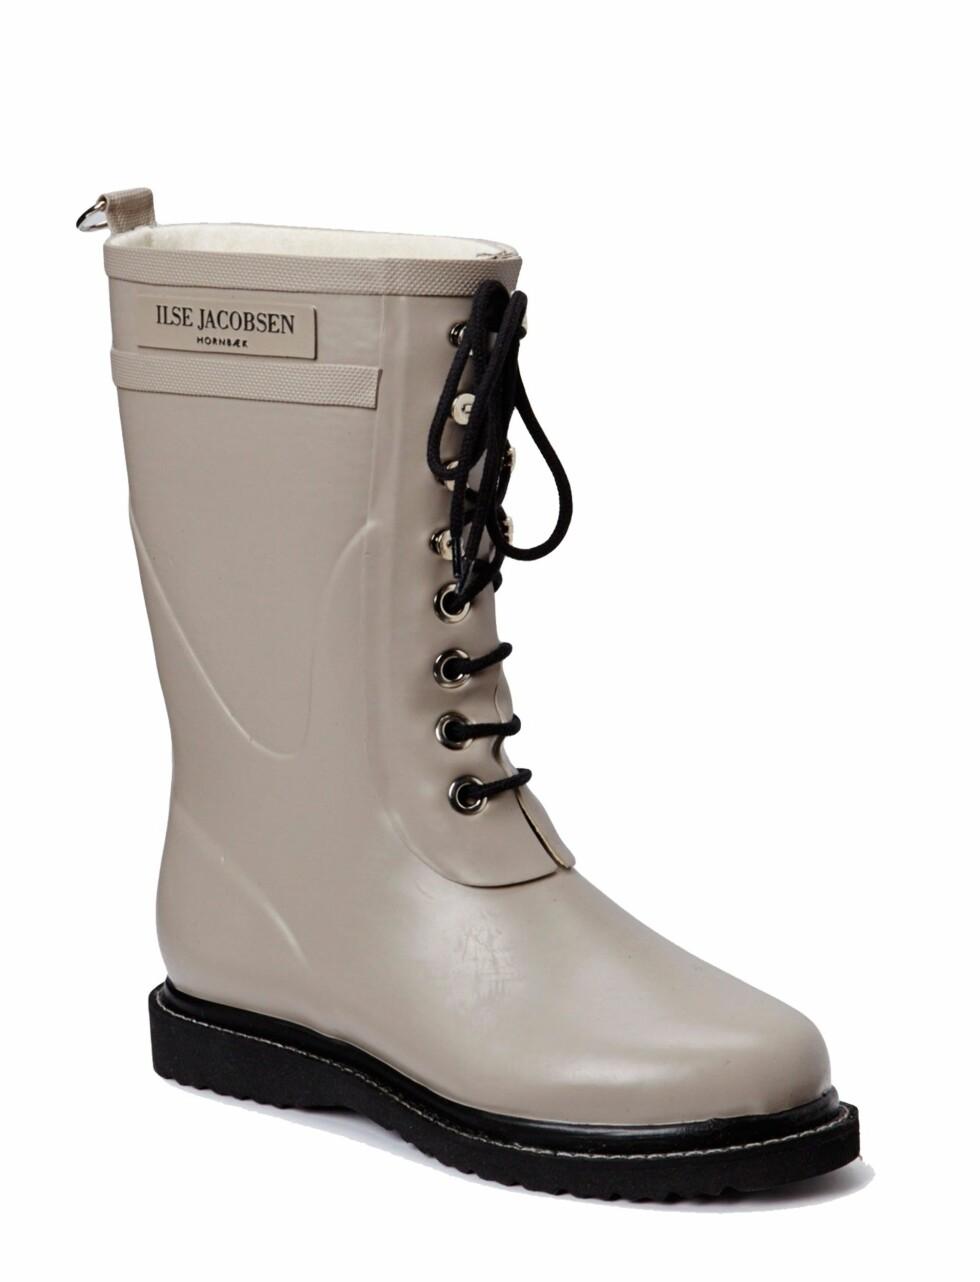 Beige støvler fra Ilse Jaconsen |kr 937 | http://apprl.com/sv/pd/4MS5/